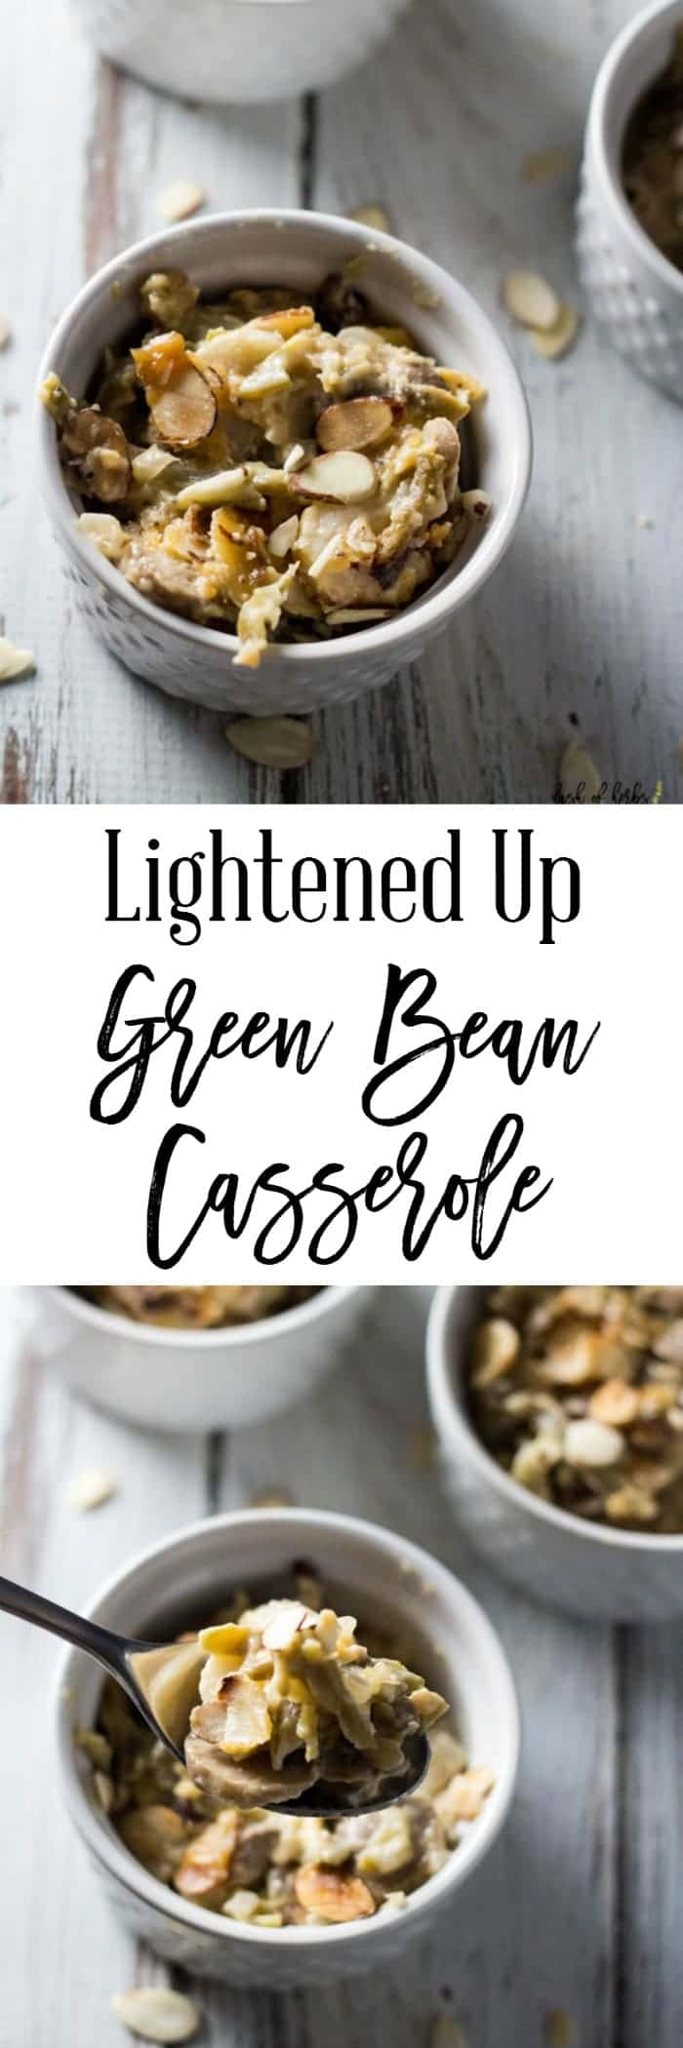 Lightened Up Green Bean Casserole